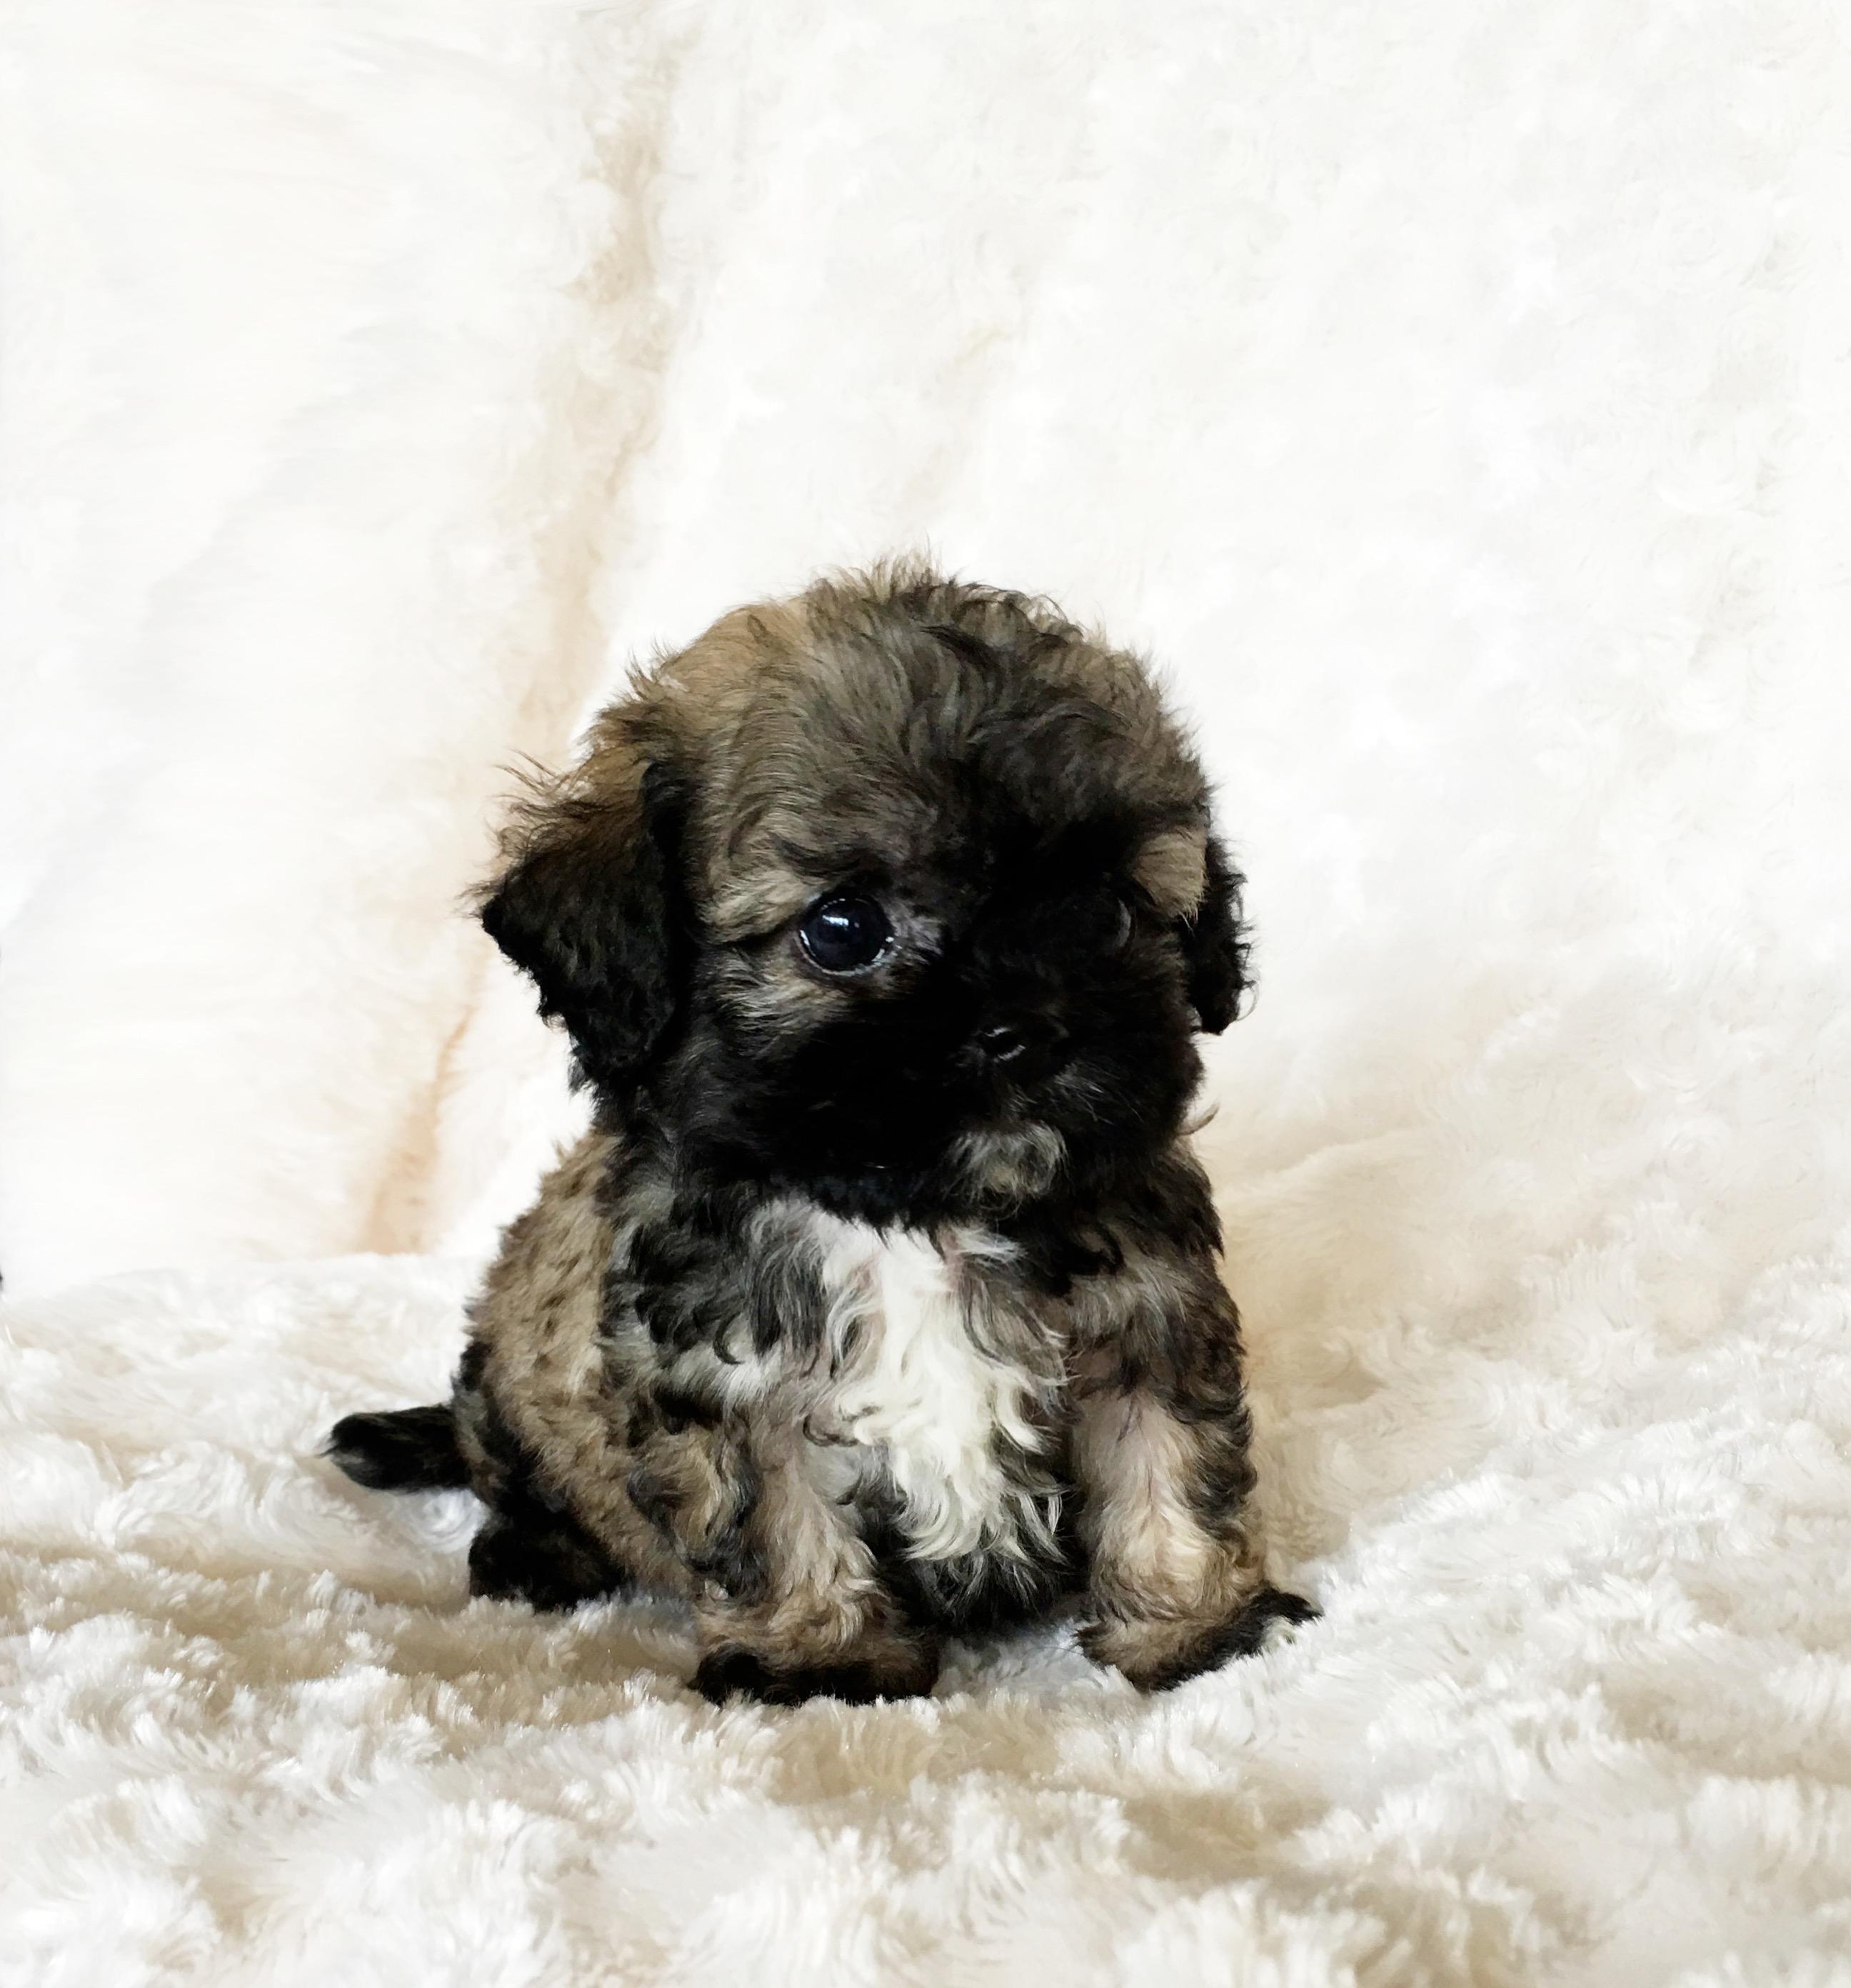 Tiny Teacup Maltipoo Puppy For Sale Cobby Teddy Bear Face  iHeartTeacups